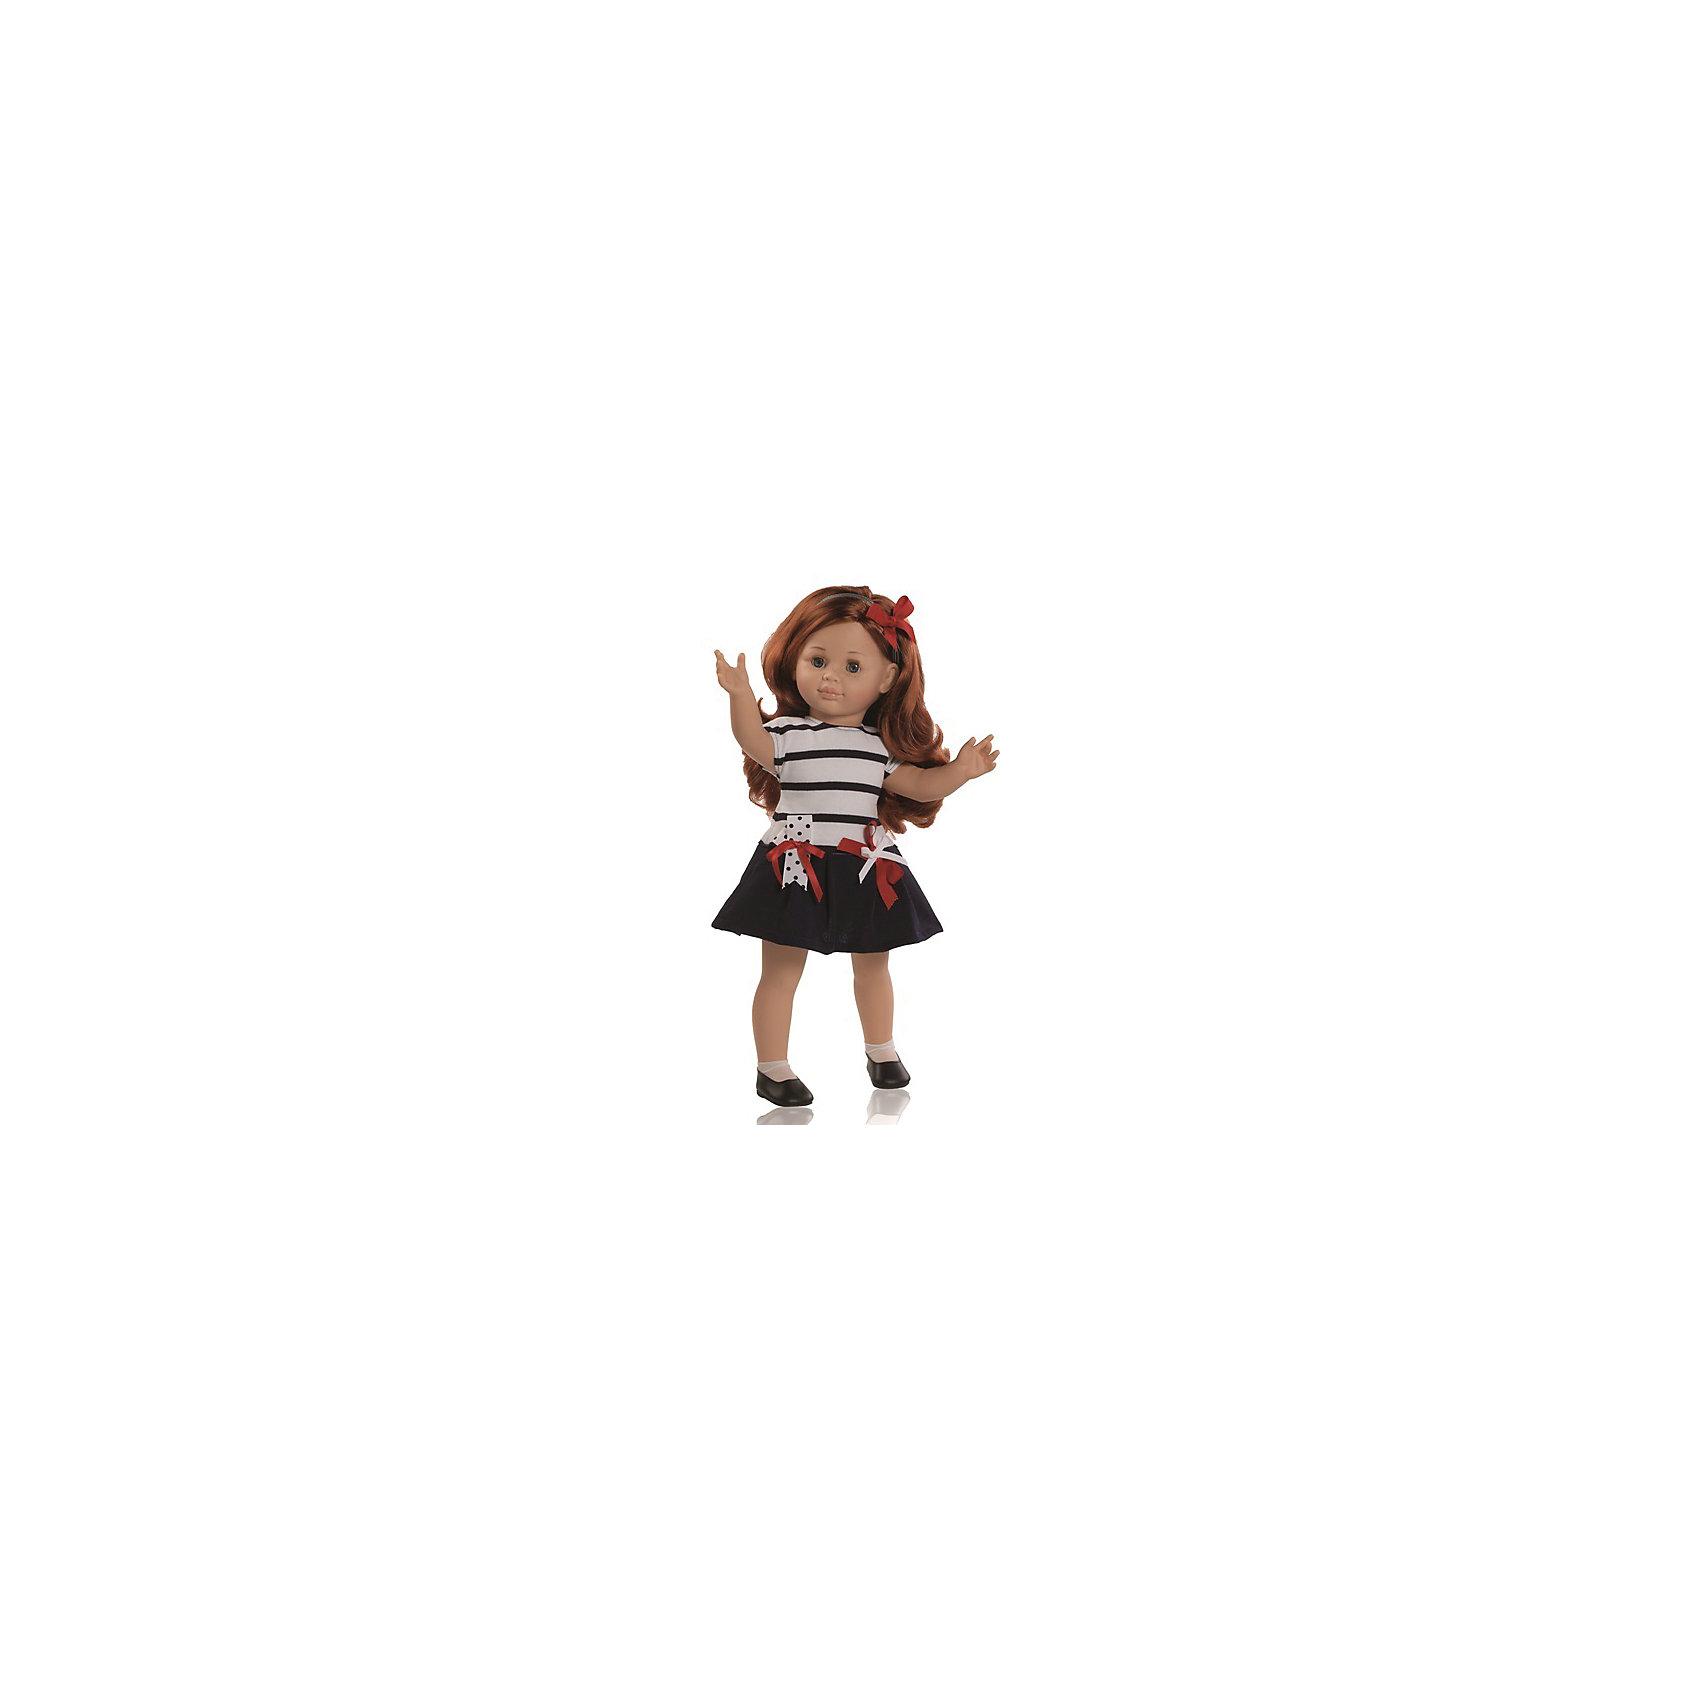 Кукла Майя, 47 см, Paola ReinaКлассические куклы<br>Эта очаровательная куколка приведет в восторг любую девочку! Кукла имеет мягконабивное тело и скелетный каркас, благодаря этому у нее вращаются руки и ноги (вдоль тела и на 360 градусов). Тело куклы может немного сгибаться в талии. Очаровательная Майя так похожа на маленькую озорную девочку! Она одета в милое платьице в морском стиле, с отрезной юбкой и декоративными бантиками на поясе. На ногах куколки белые носочки и маленькие туфельки. Рыжие блестящие волосы куколки так приятно расчесывать, создавая всевозможные прически. Куклы Паола Рейна имеют нежный ванильный аромат, одеты в модную одежду с аксессуарами. Выразительная мимика, уникальный и неповторимый дизайн лица и тела делают эти игрушки запоминающимися и уникальными. Куклы изготовлены из высококачественных нетоксичных материалов, абсолютно безопасны для детей. <br><br>Дополнительная информация:<br><br>- Материалы: кукла изготовлена из винила и текстиля; глаза выполнены в виде кристалла из прозрачного твердого пластика; волосы сделаны из высококачественного нейлона, одежда - текстиль.<br>- Размер: 47 см.<br>- Комплектация: кукла в одежде и обуви. <br>- Голова, ручки, ножки куклы подвижные.<br>- Мягконабивное тело.<br>- Нельзя мыть.<br>- Глаза закрываются.<br><br>Куклу Майю 47 см, Paola Reina (Паола Рейна), можно купить в нашем магазине.<br><br>Ширина мм: 290<br>Глубина мм: 155<br>Высота мм: 540<br>Вес г: 1500<br>Возраст от месяцев: 36<br>Возраст до месяцев: 144<br>Пол: Женский<br>Возраст: Детский<br>SKU: 4420323